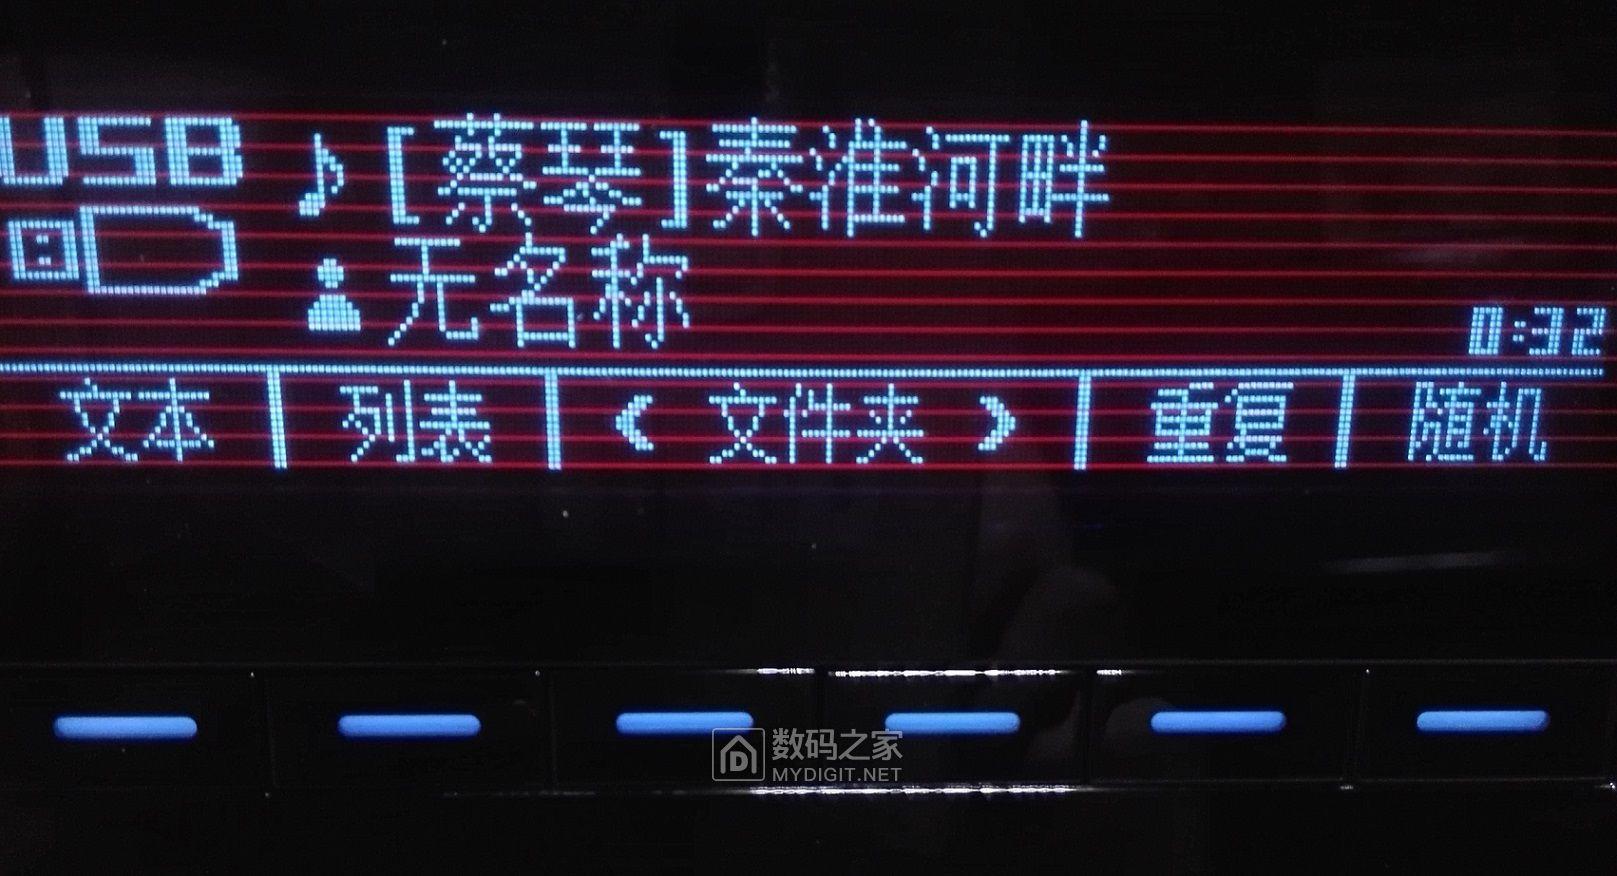 丰田17款车机,VDF屏幕温度62度了